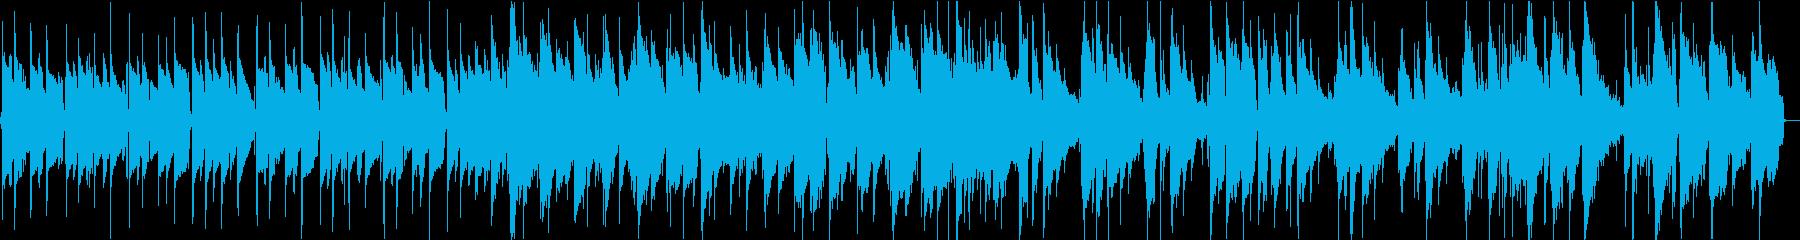 お洒落なガットギターのソロBGMの再生済みの波形